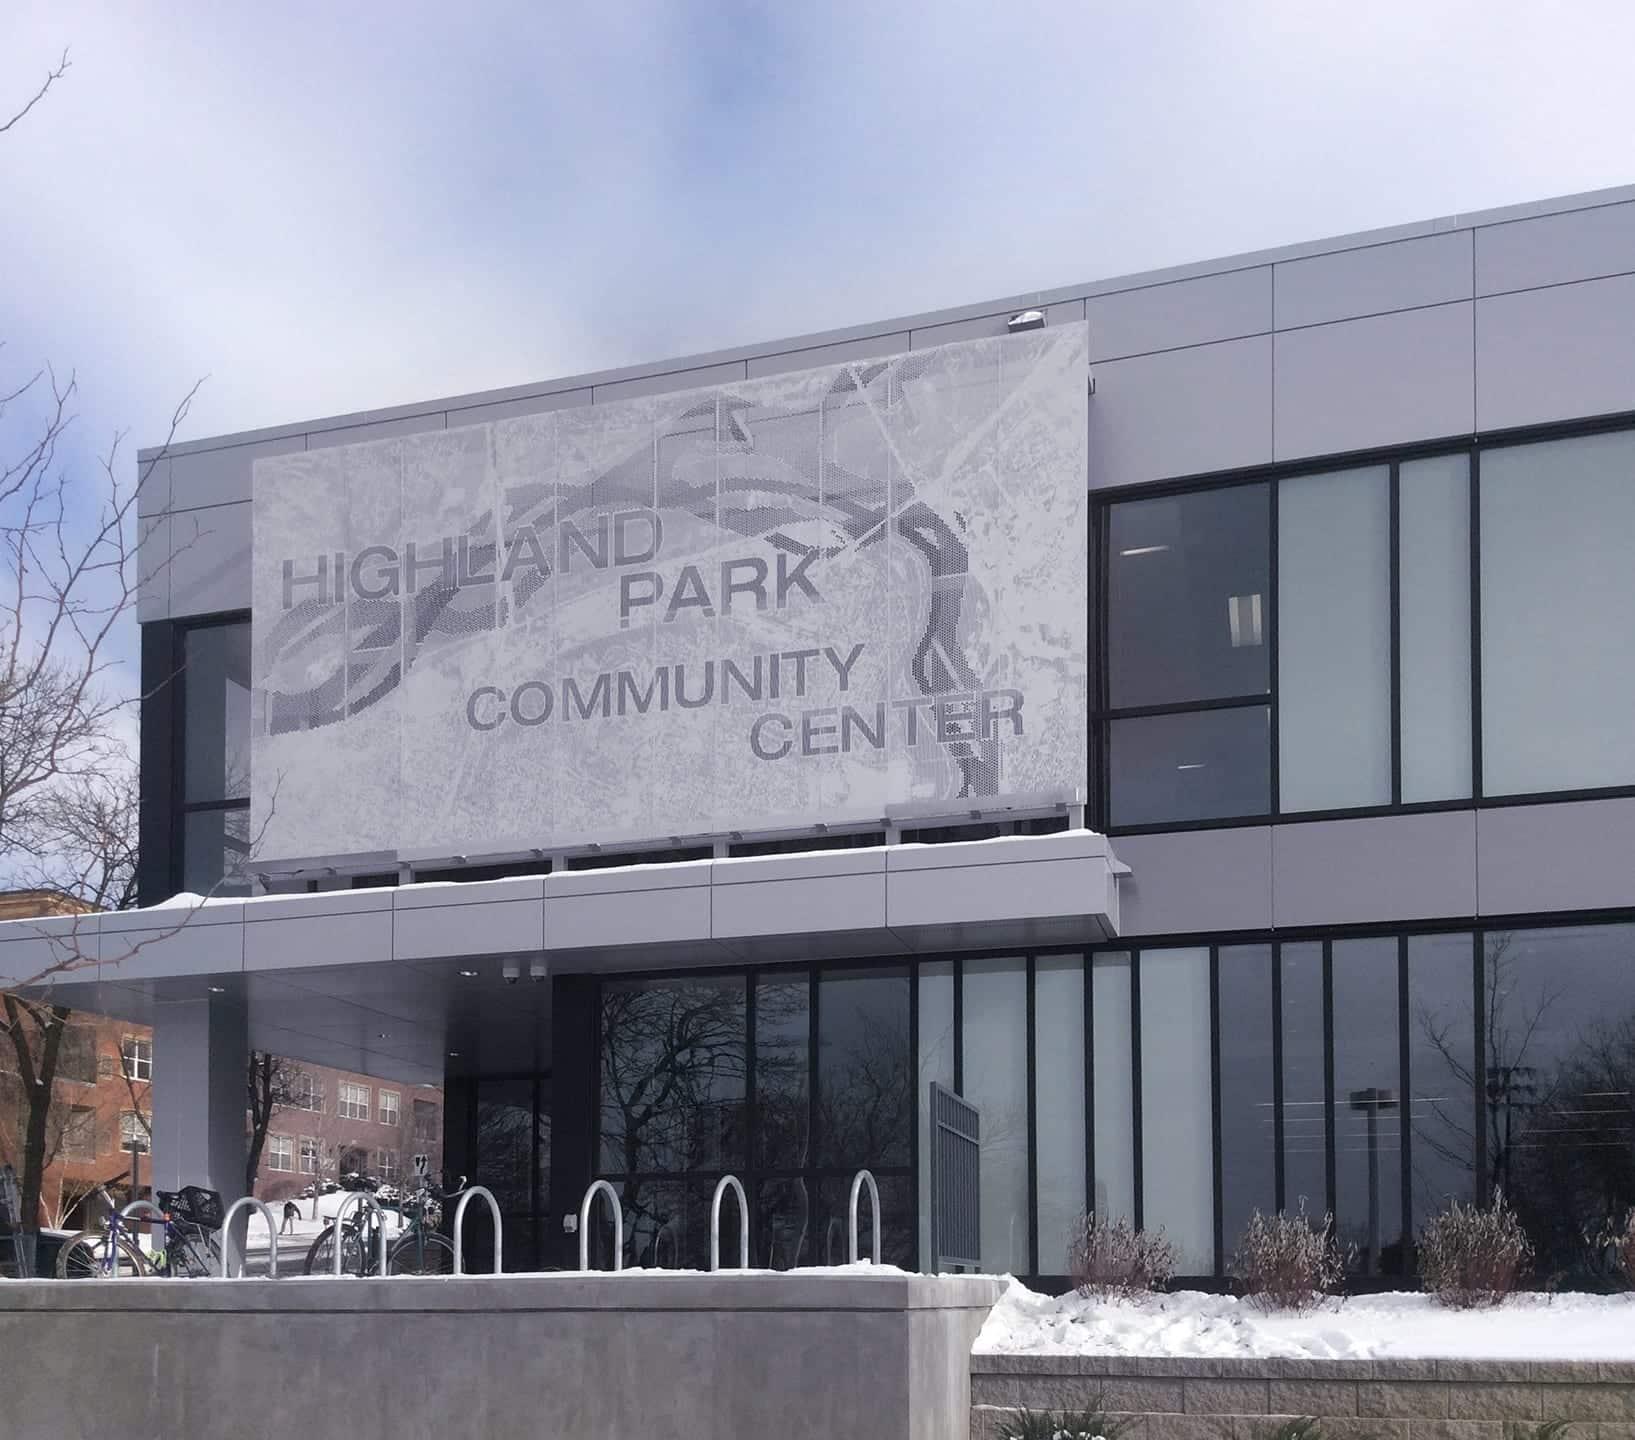 Highland Park Community Center Signage.